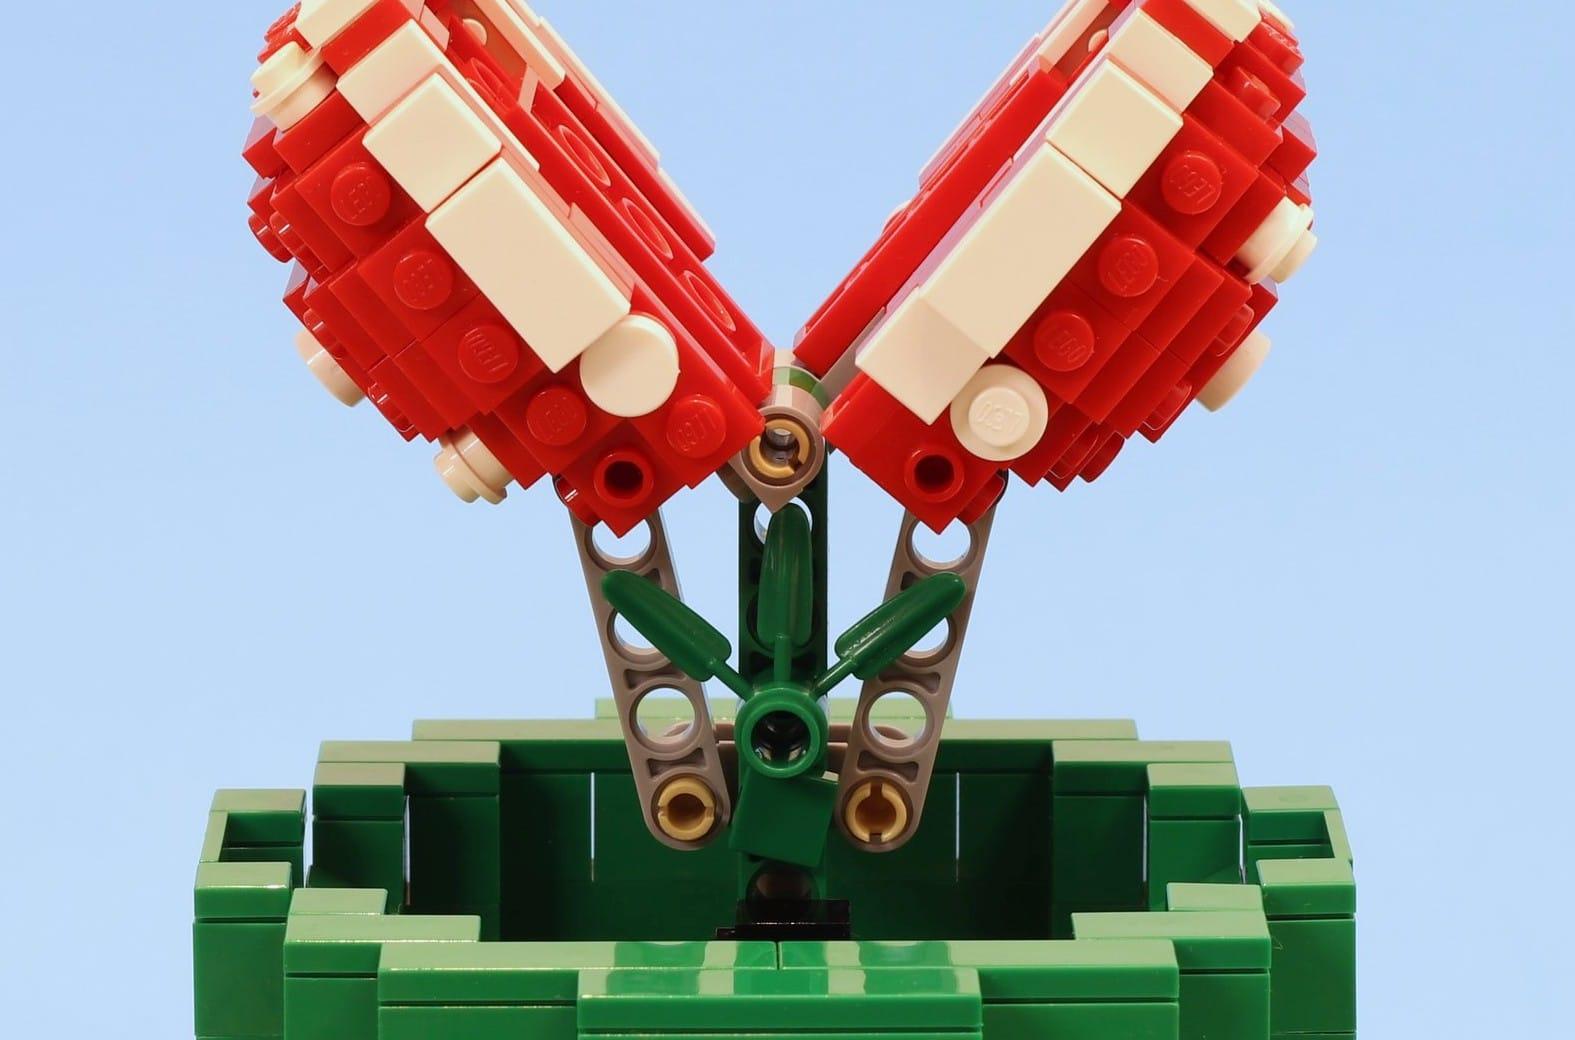 LEGO Piranha Plant: Gefährlich! Diese Piranha Pflanze aus Super Mario Bros. lebt wirklich!